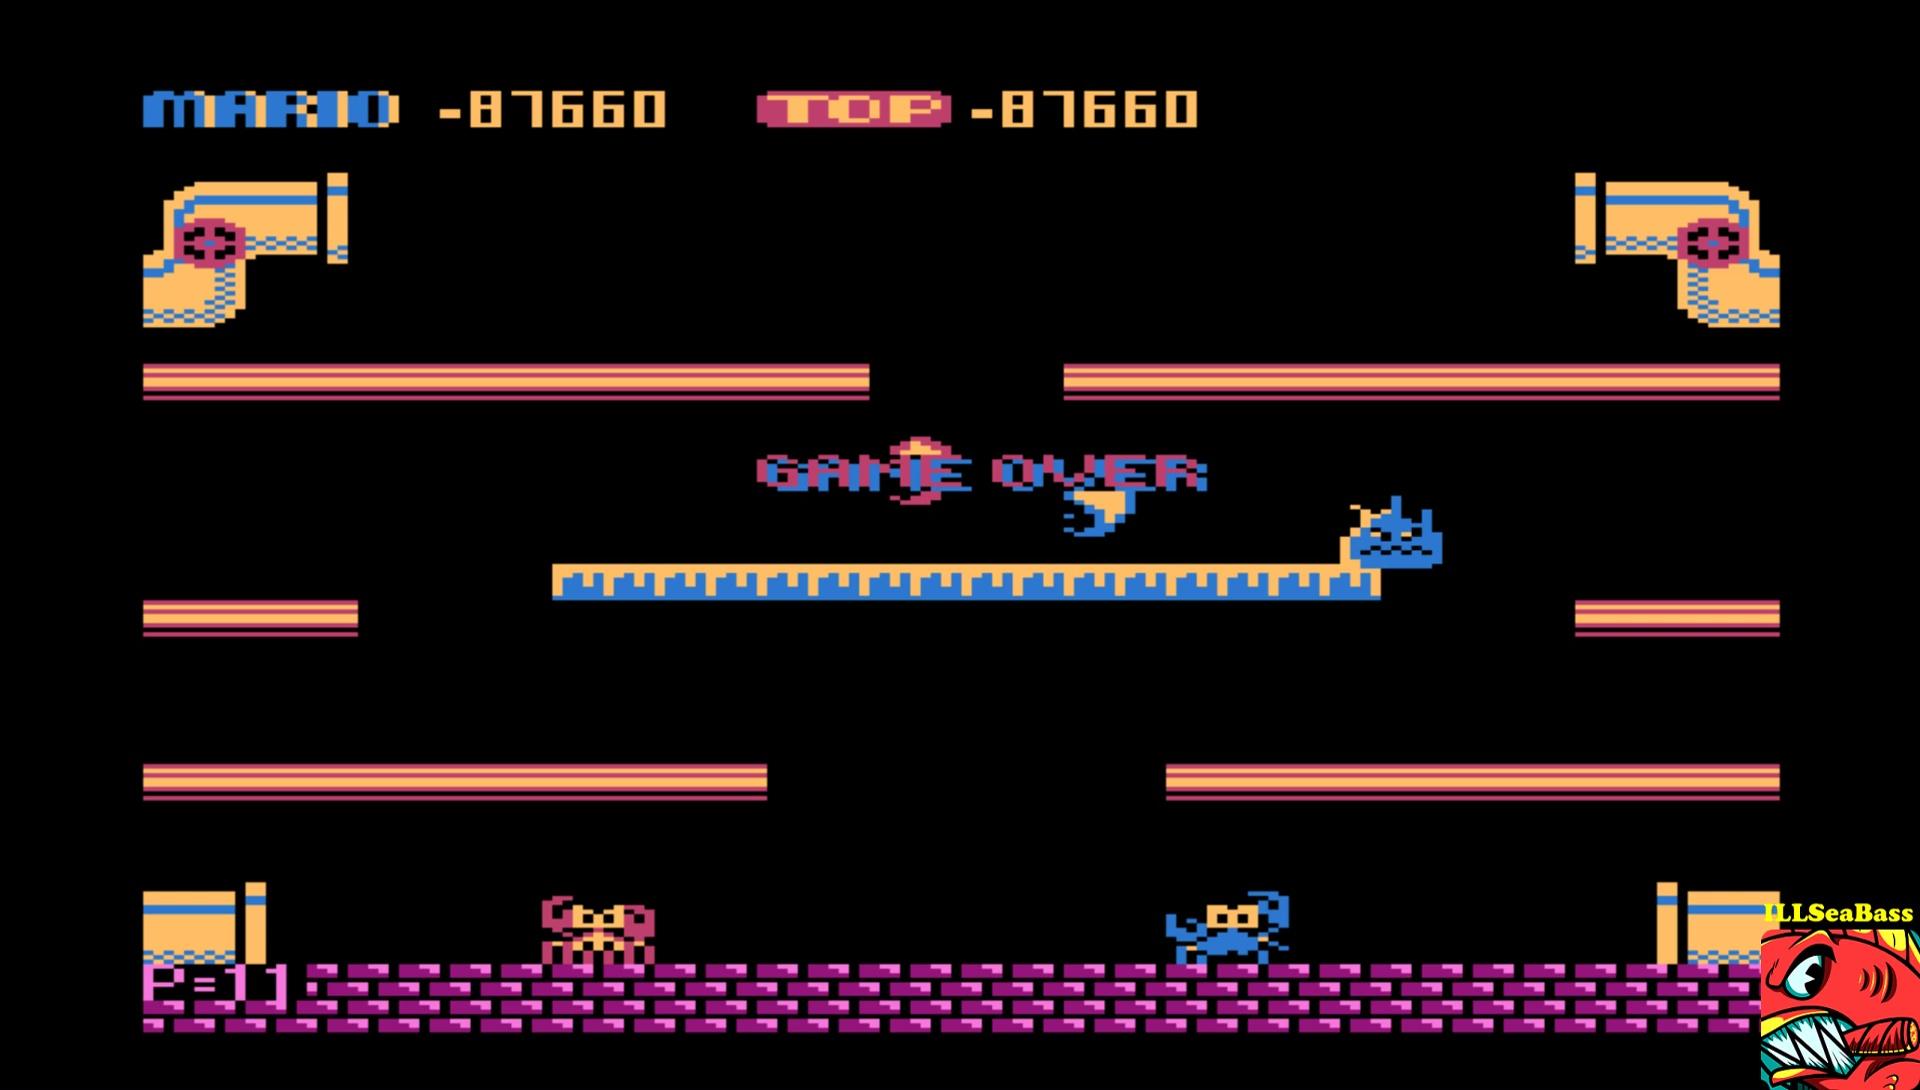 Mario Bros [5200] [Start Phase 1 - Turtle] 87,660 points